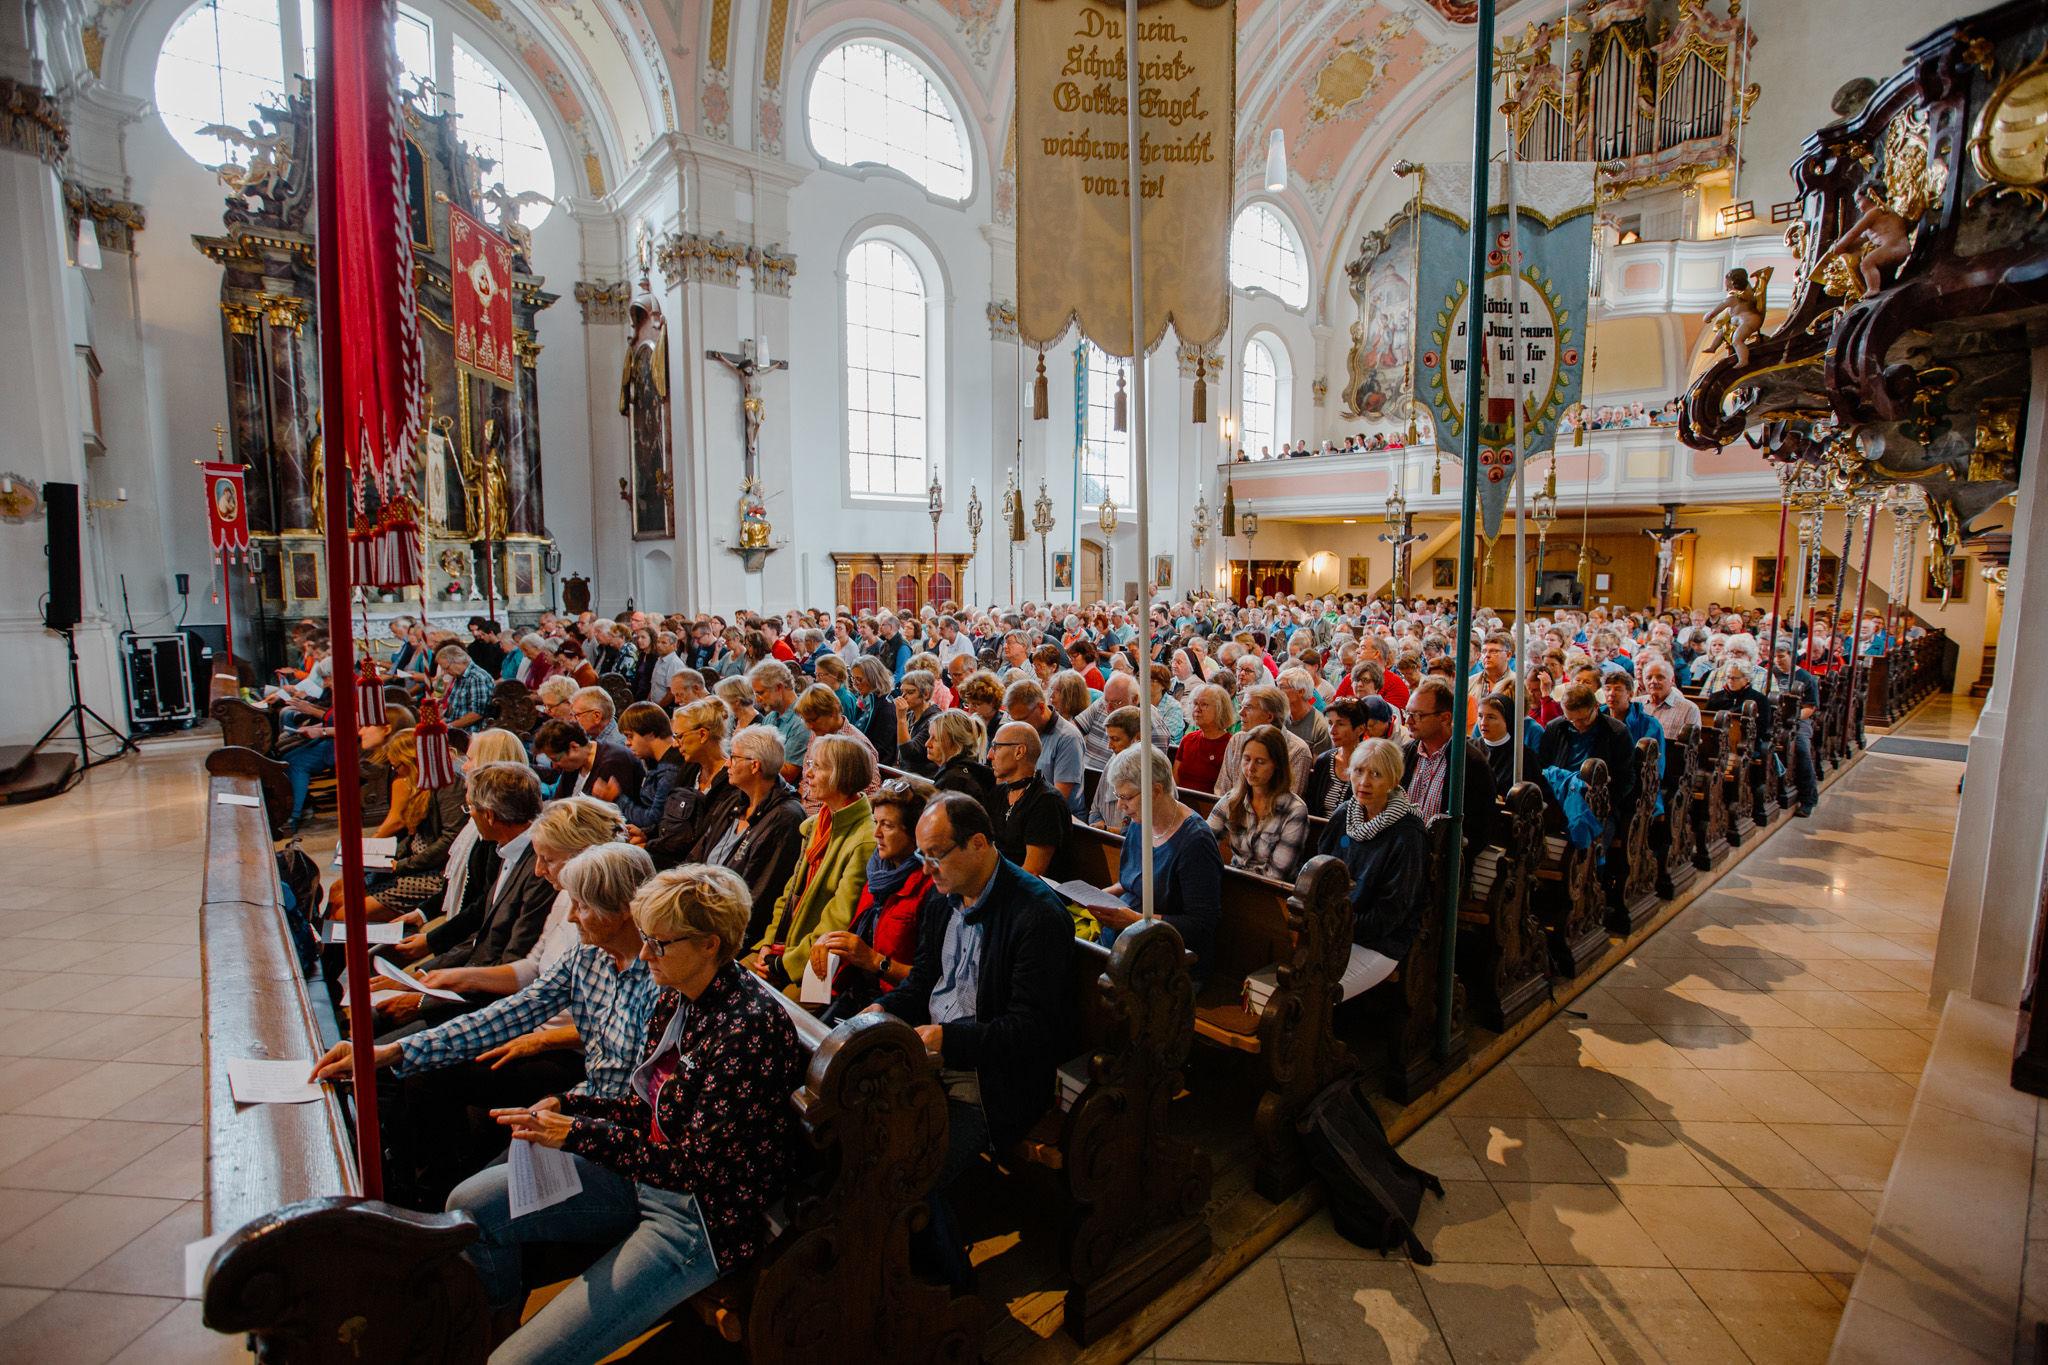 Ein seitlicher Blick auf die Gemeinde im Kirchenschiff.